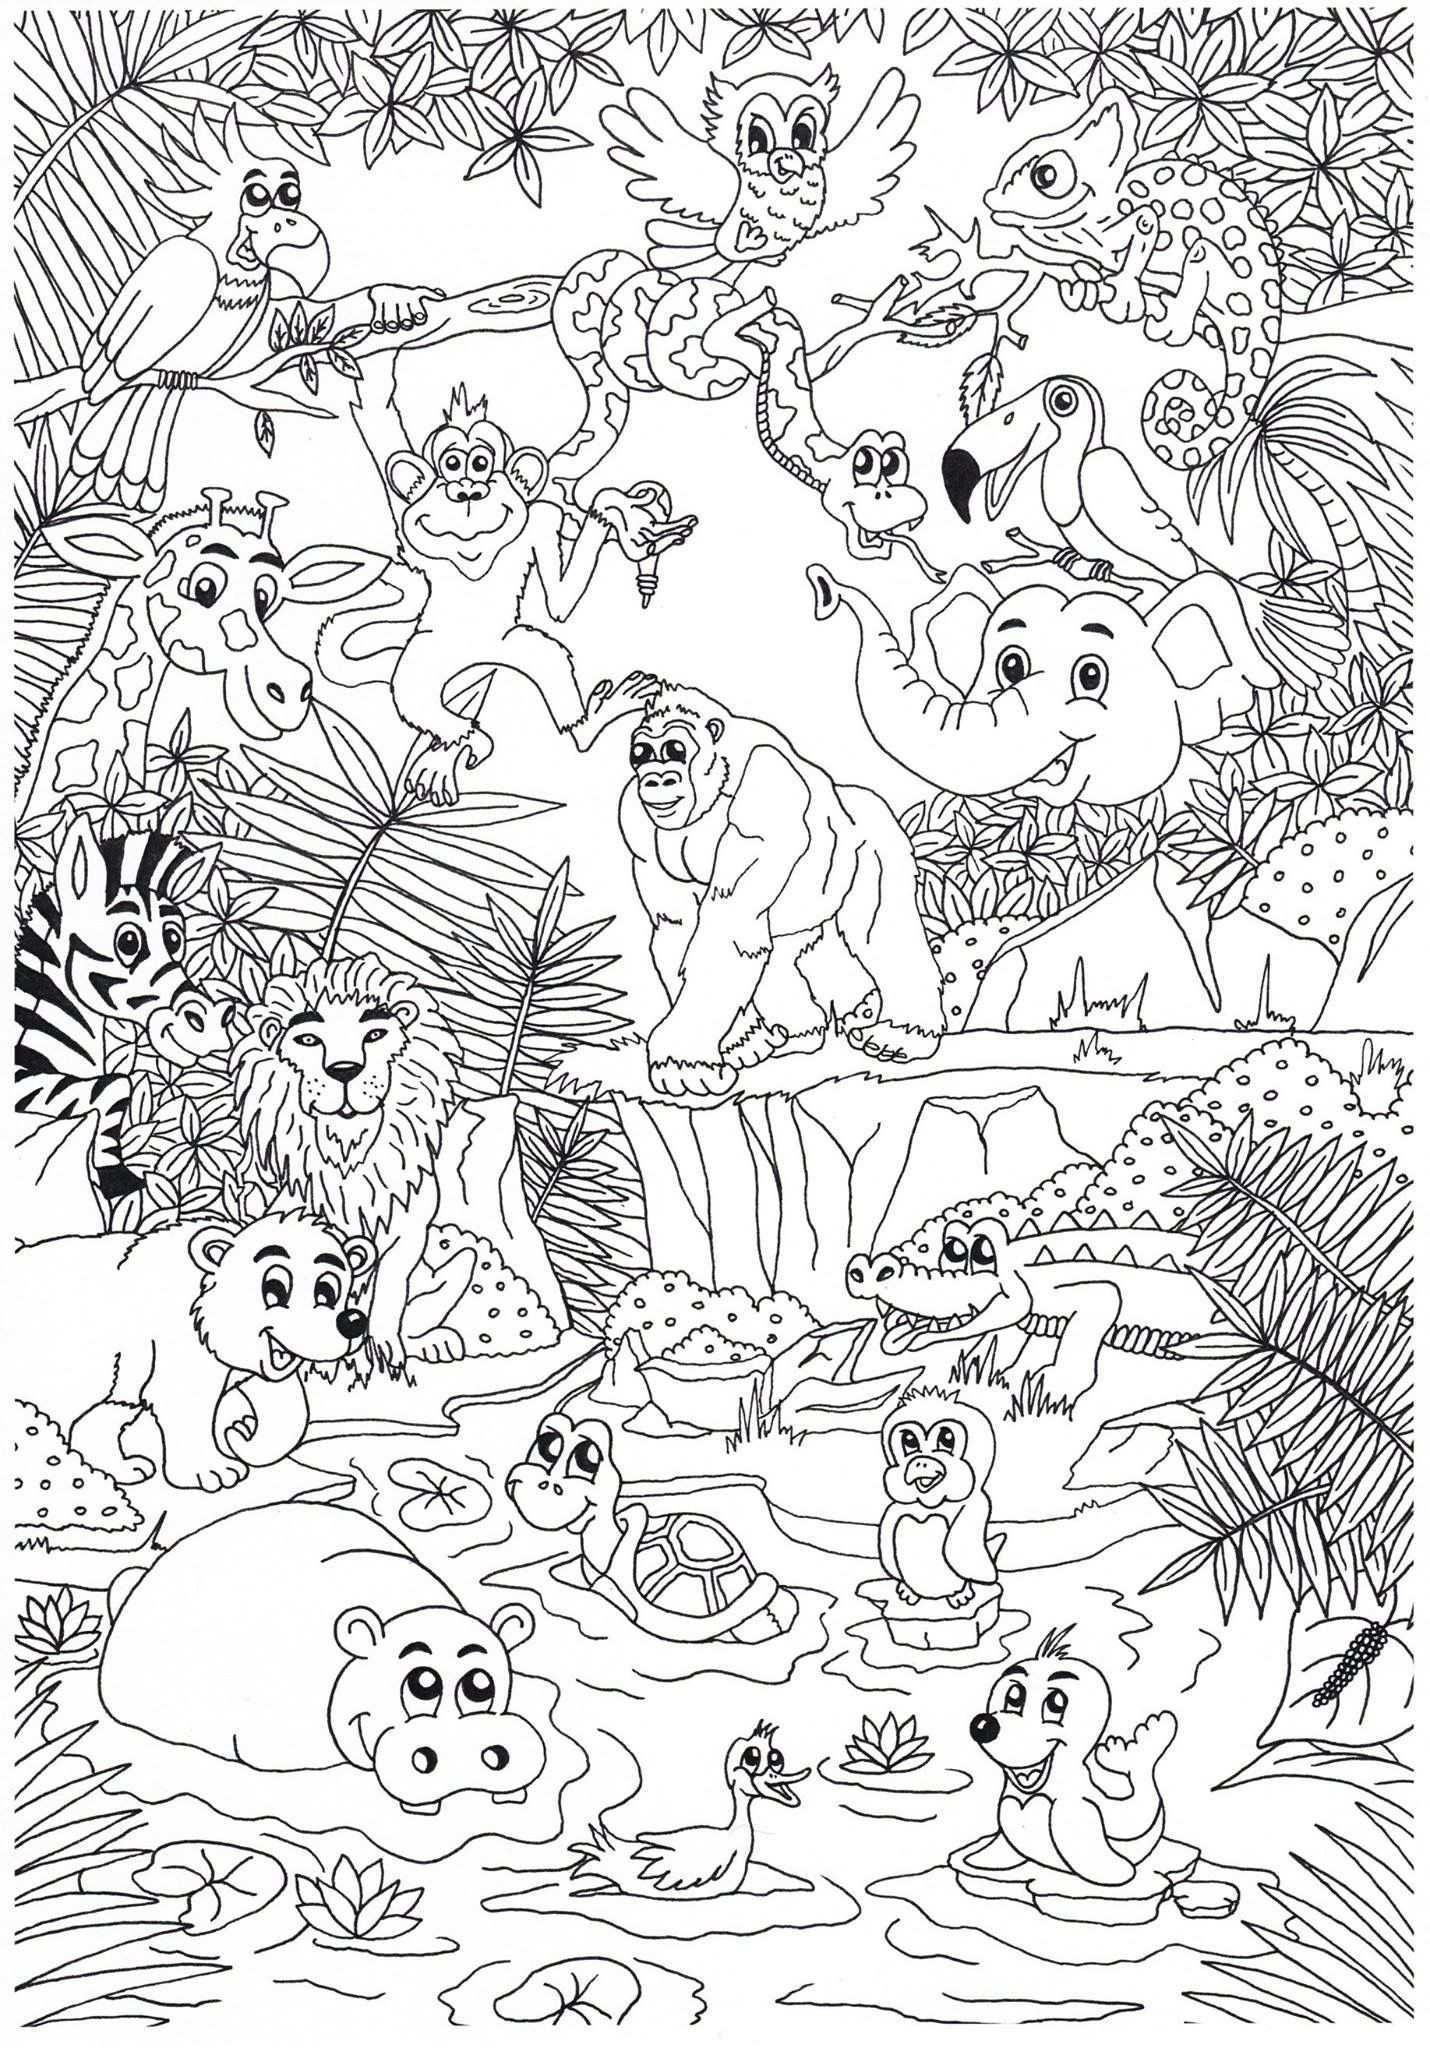 Coloring Page Dieren Kleurplaten Gratis Kleurplaten Kleurplaten